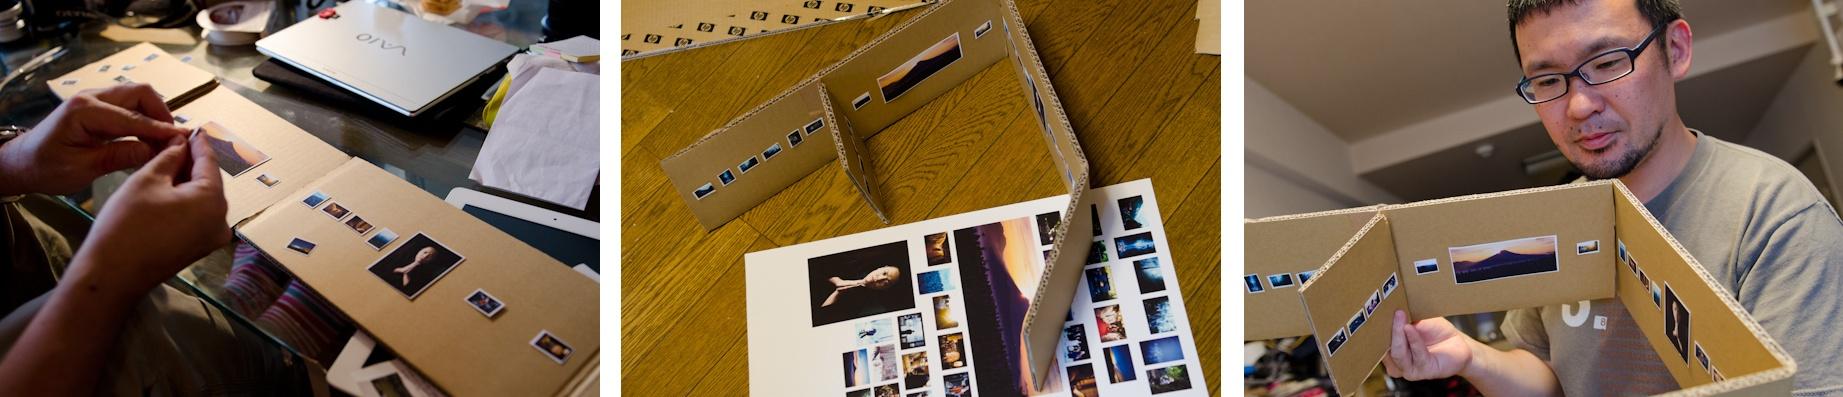 <b>写真展をやる時には必ず、縮小サイズのスケールで簡単な会場の模型を作って、そこに写真を配置してから、実際の並びの順番などを確認しながら決めていくという作業をやっている。パソコンが普及した今だからこその便利なワザなのだ</b>